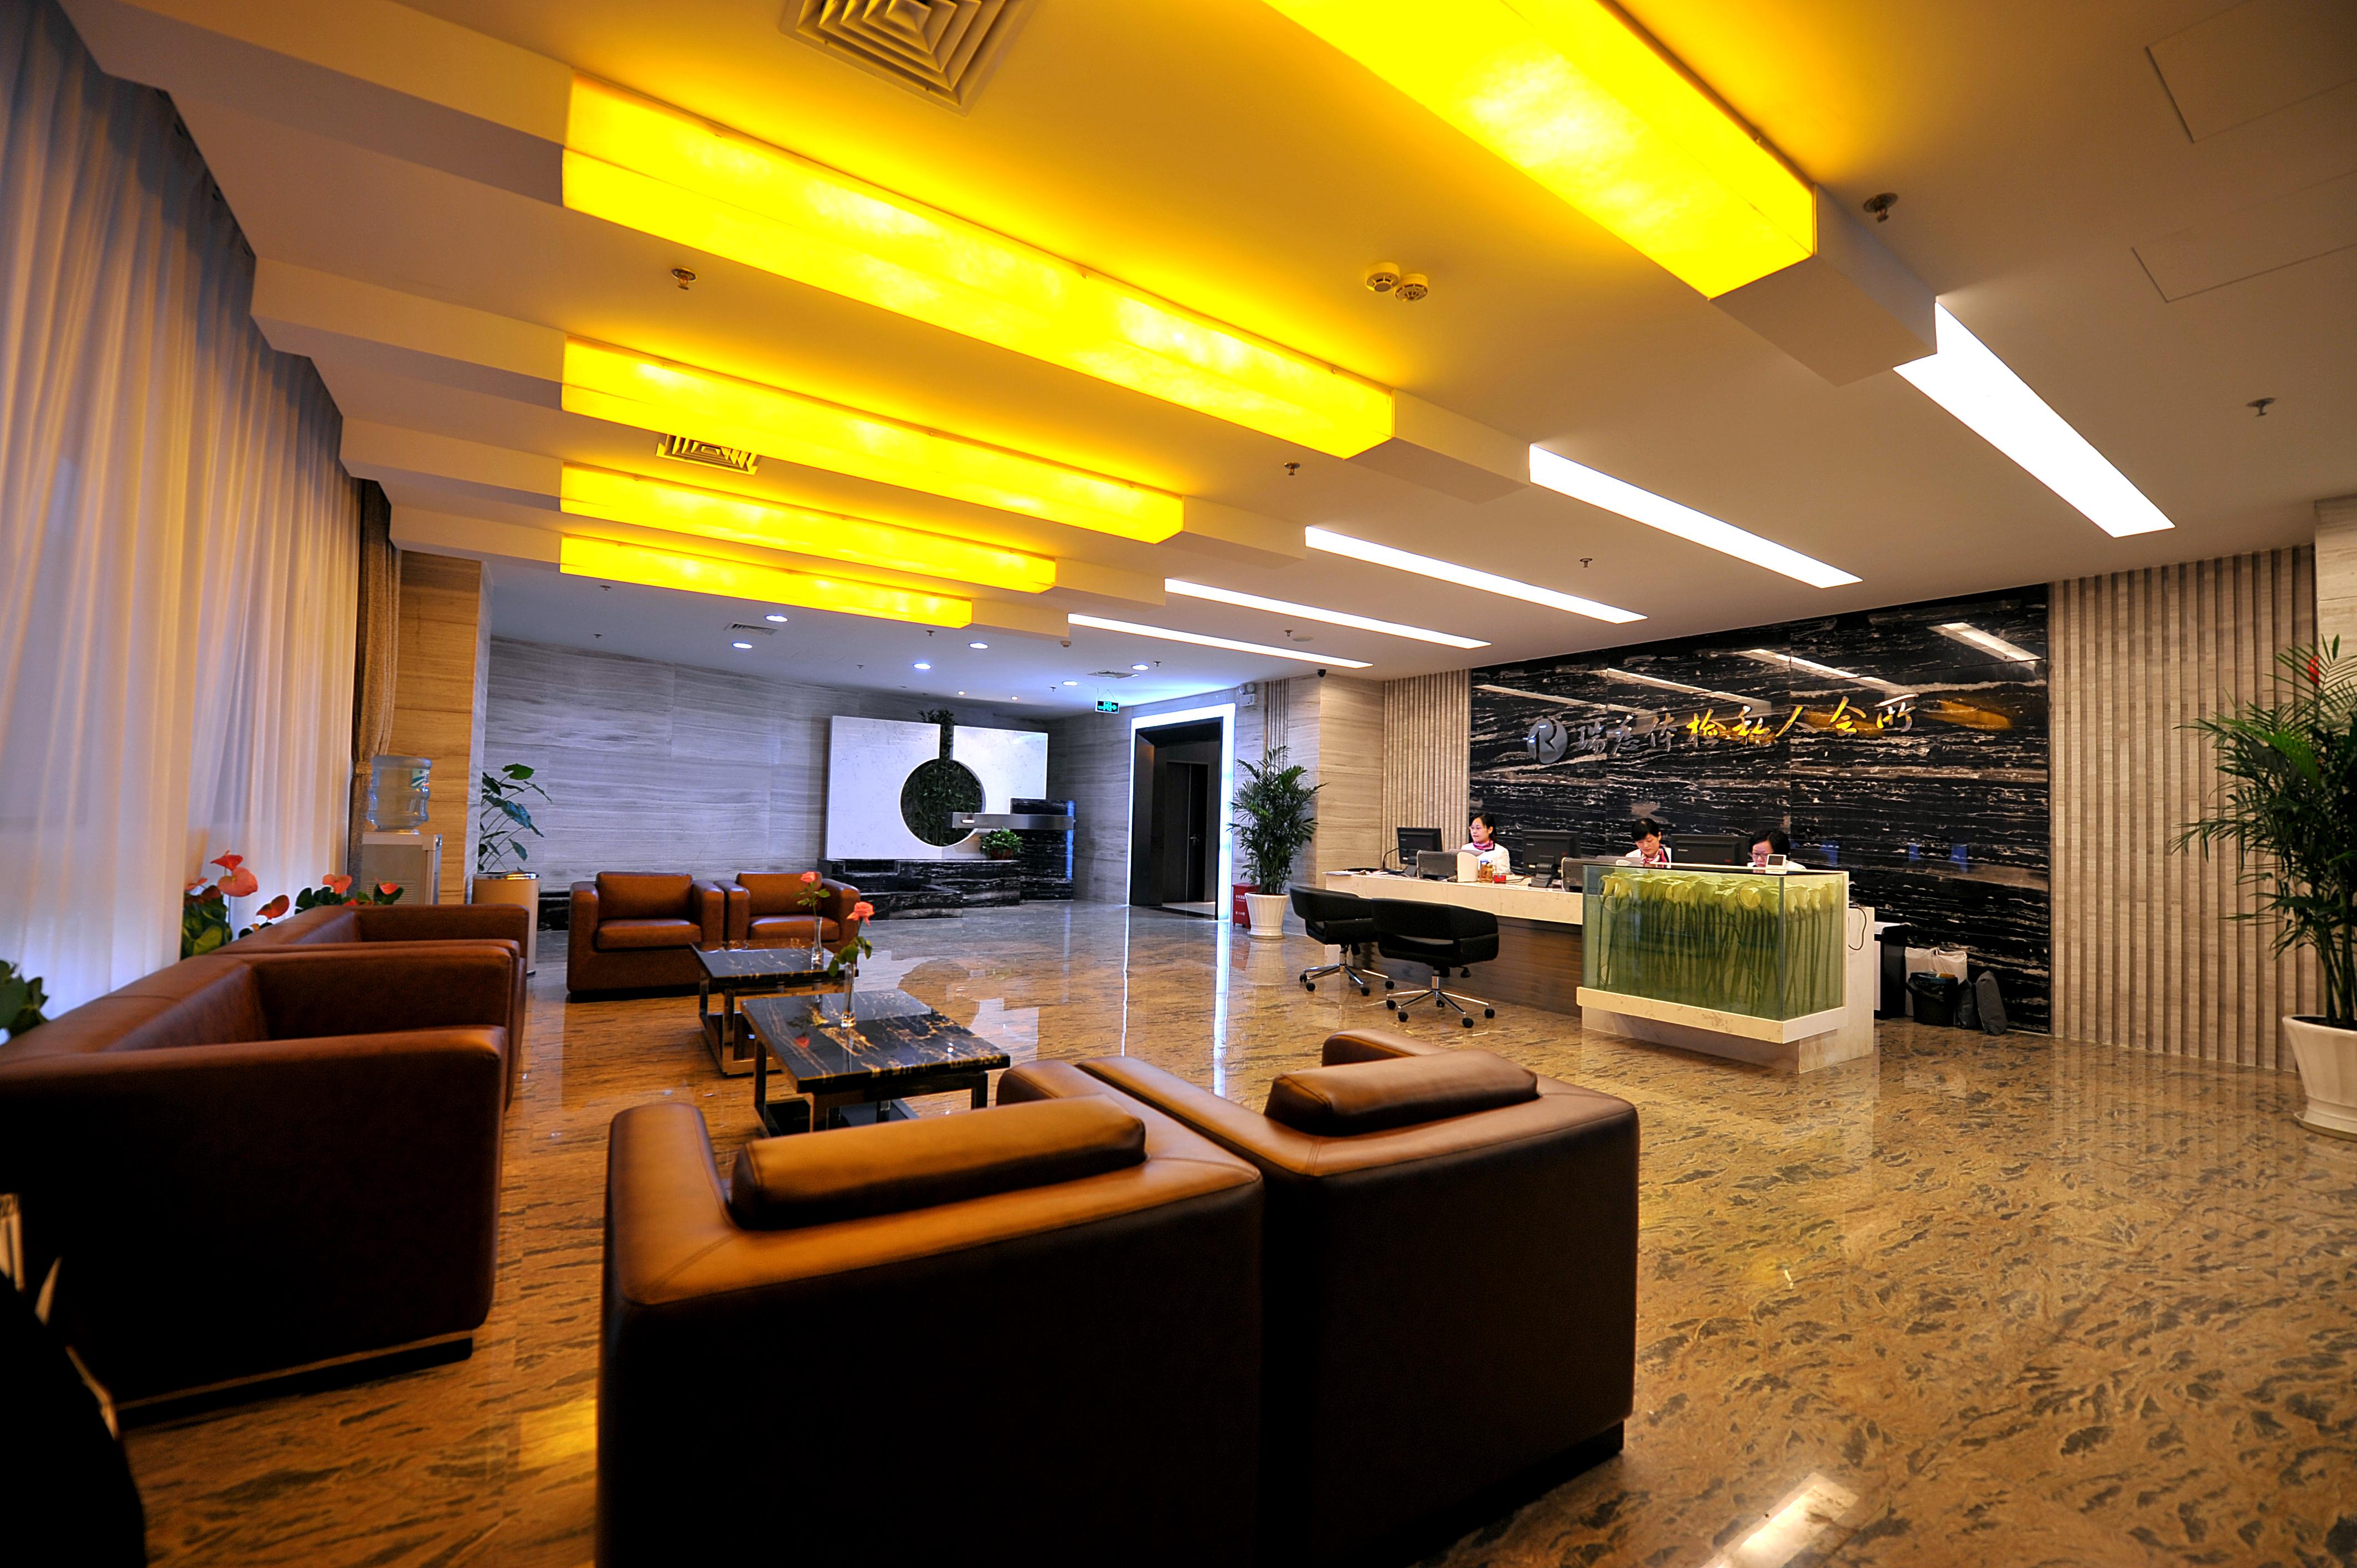 上海瑞慈体检中心(瑞宁分院)